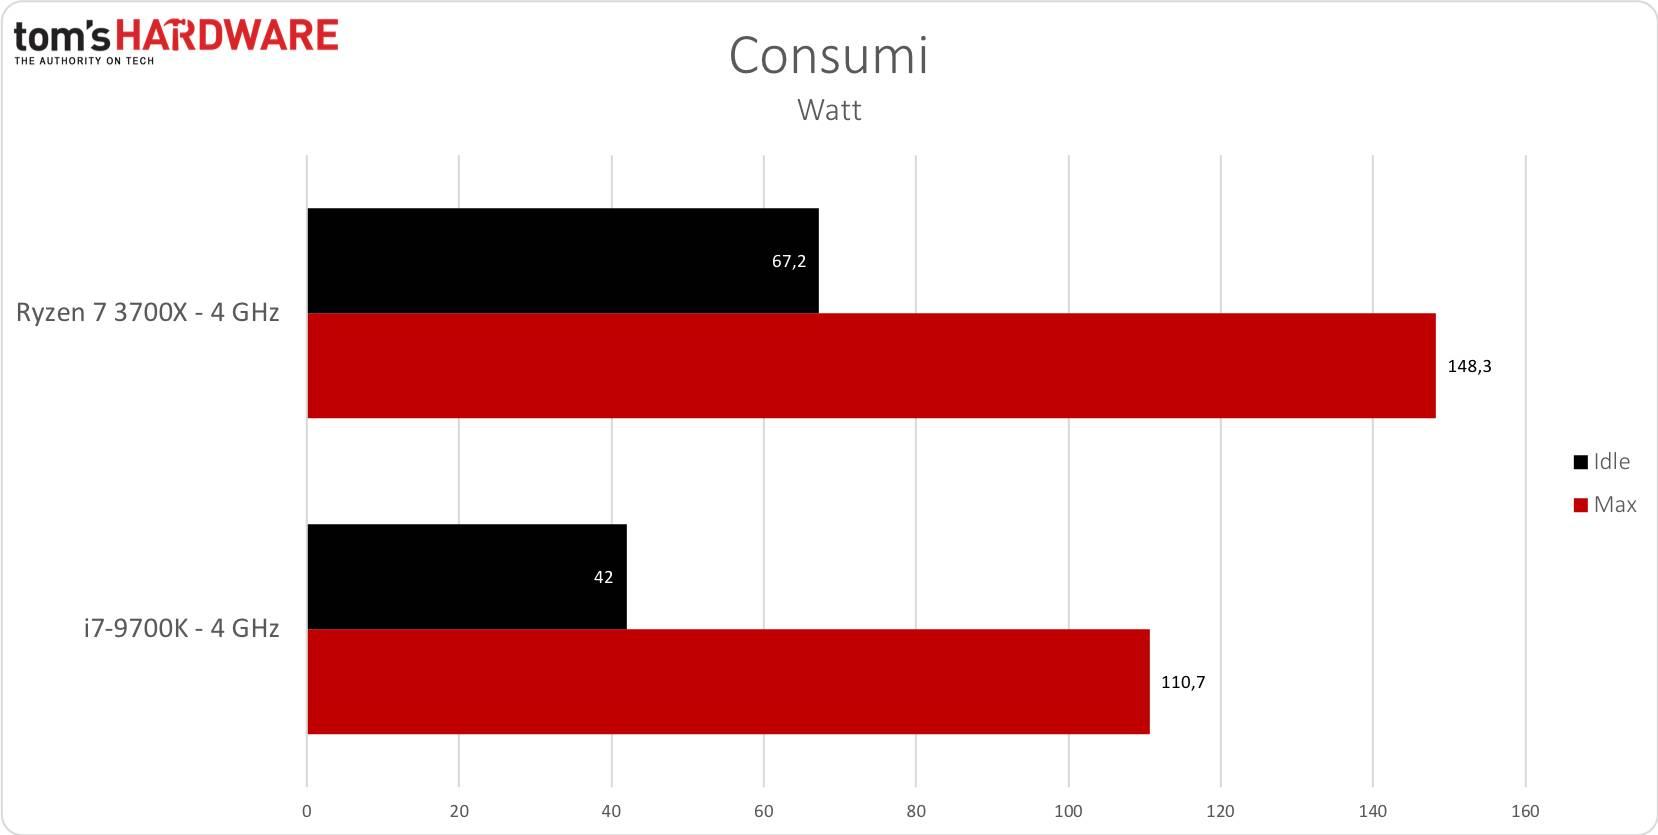 Consumi - 4GHz